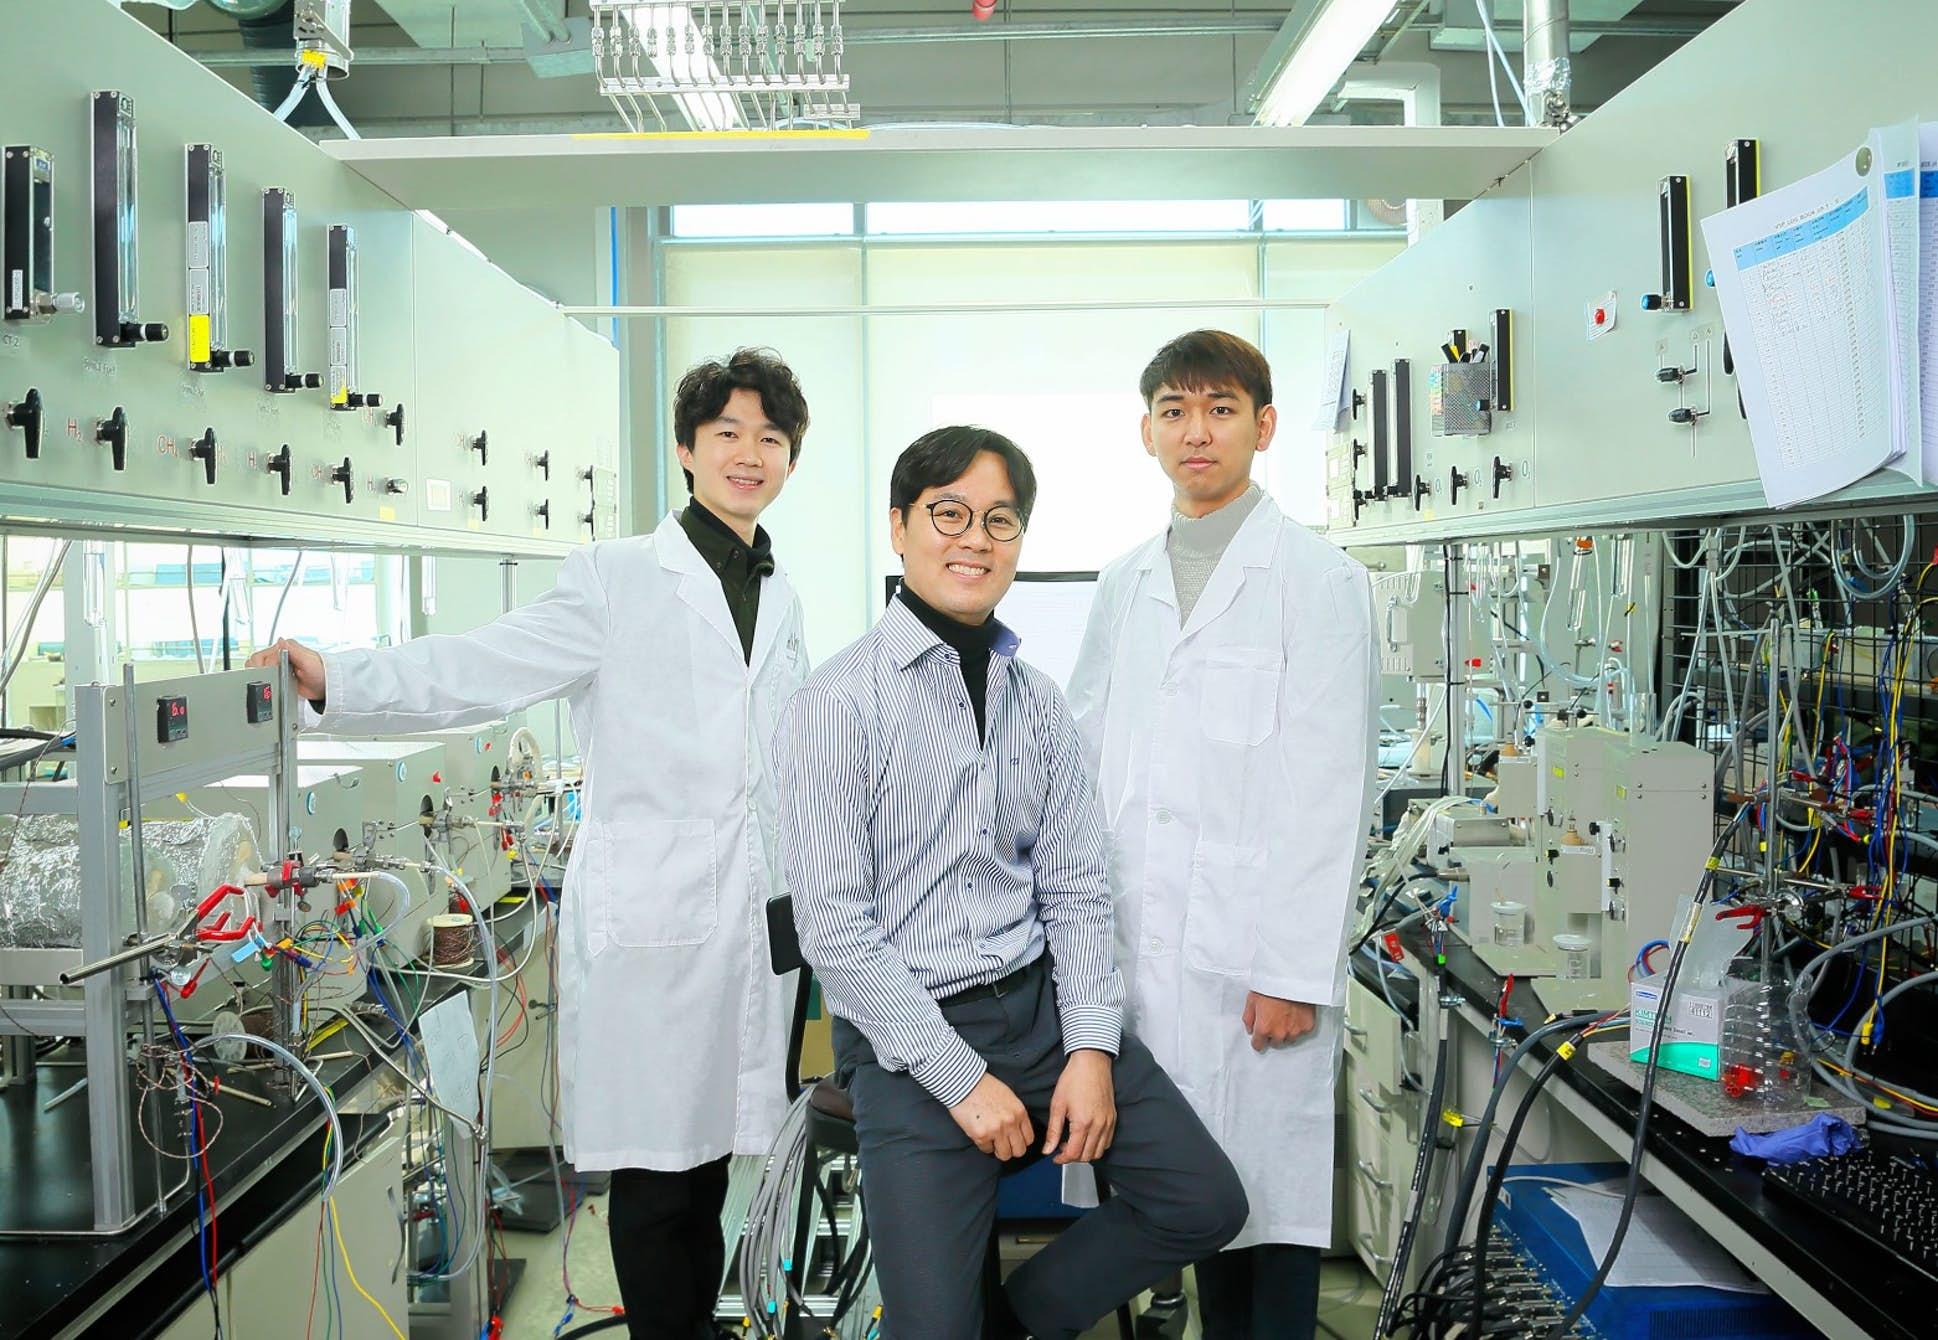 Junyoung Kim (vlevo) se svým týmem. Kredit: UNIST.